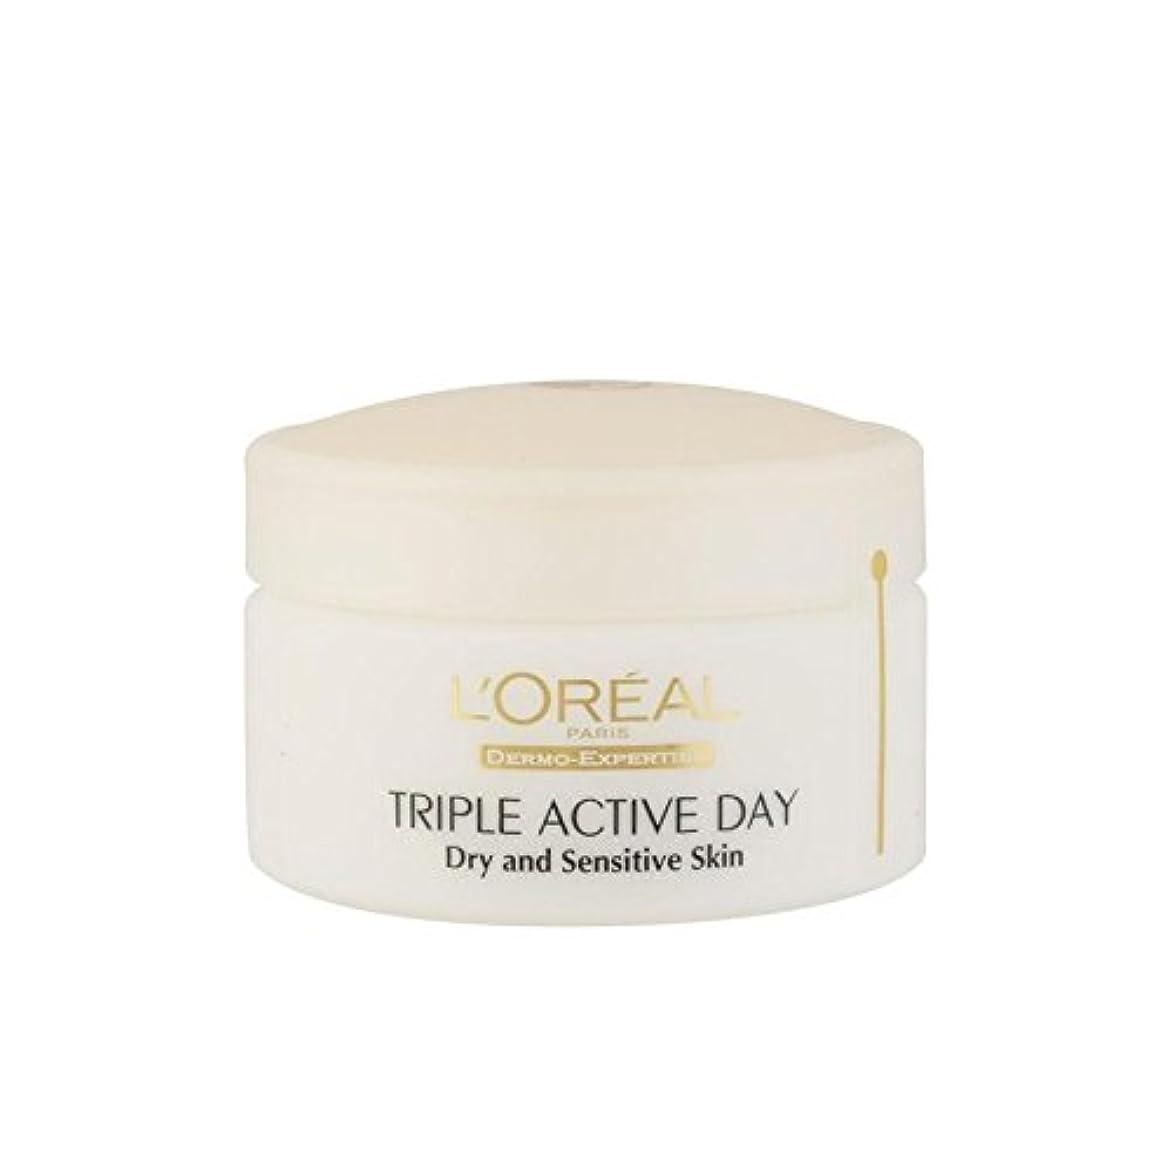 ロレアルパリ、真皮の専門知識トリプルアクティブな一日のマルチ保護保湿 - ドライ/敏感肌(50ミリリットル) x2 - L'Oreal Paris Dermo Expertise Triple Active Day Multi-Protection...